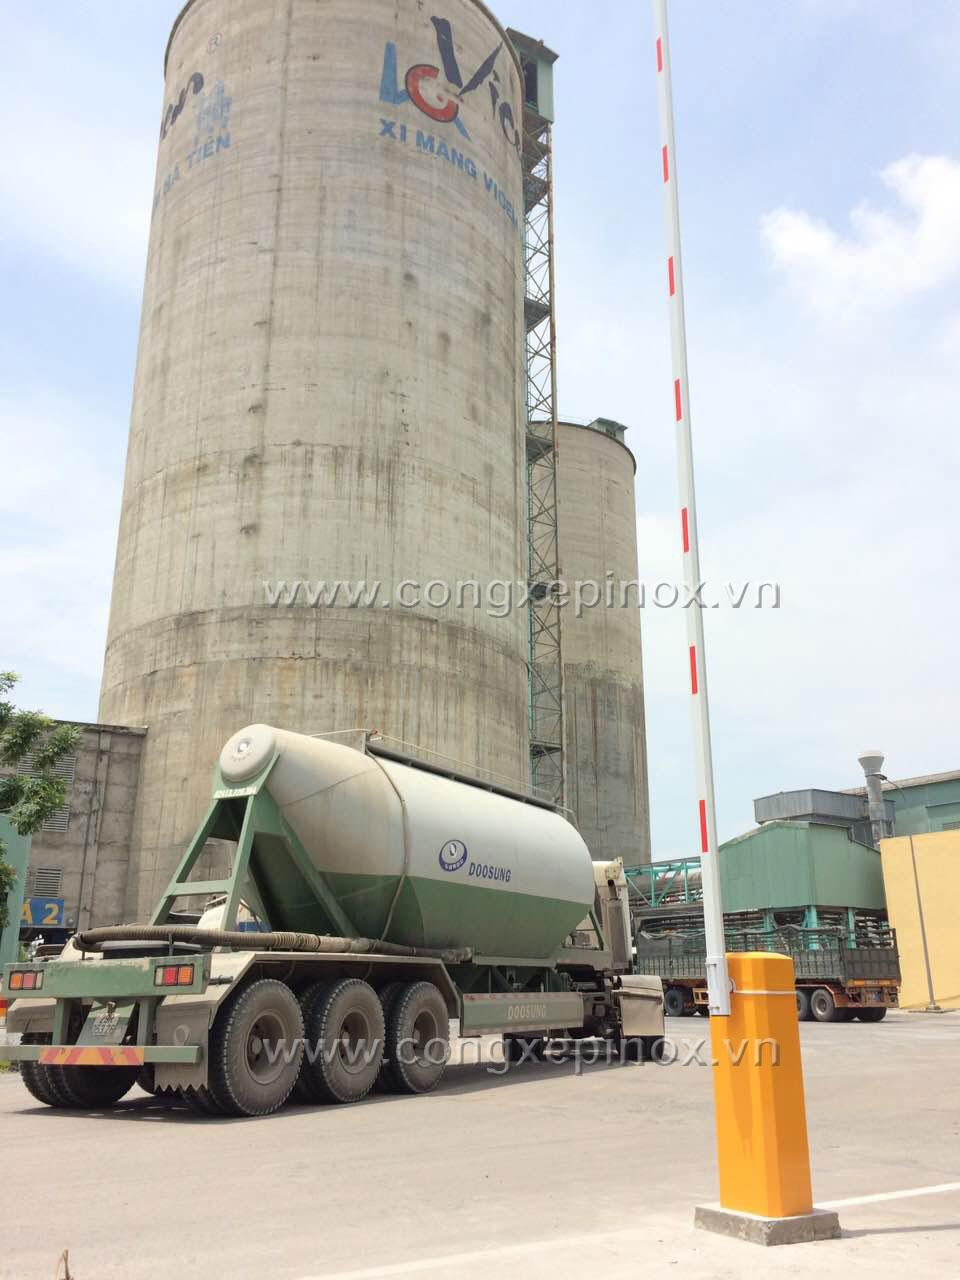 Công trình rào chắn tự động ở trạm nghiền xi măng Hà Tiên